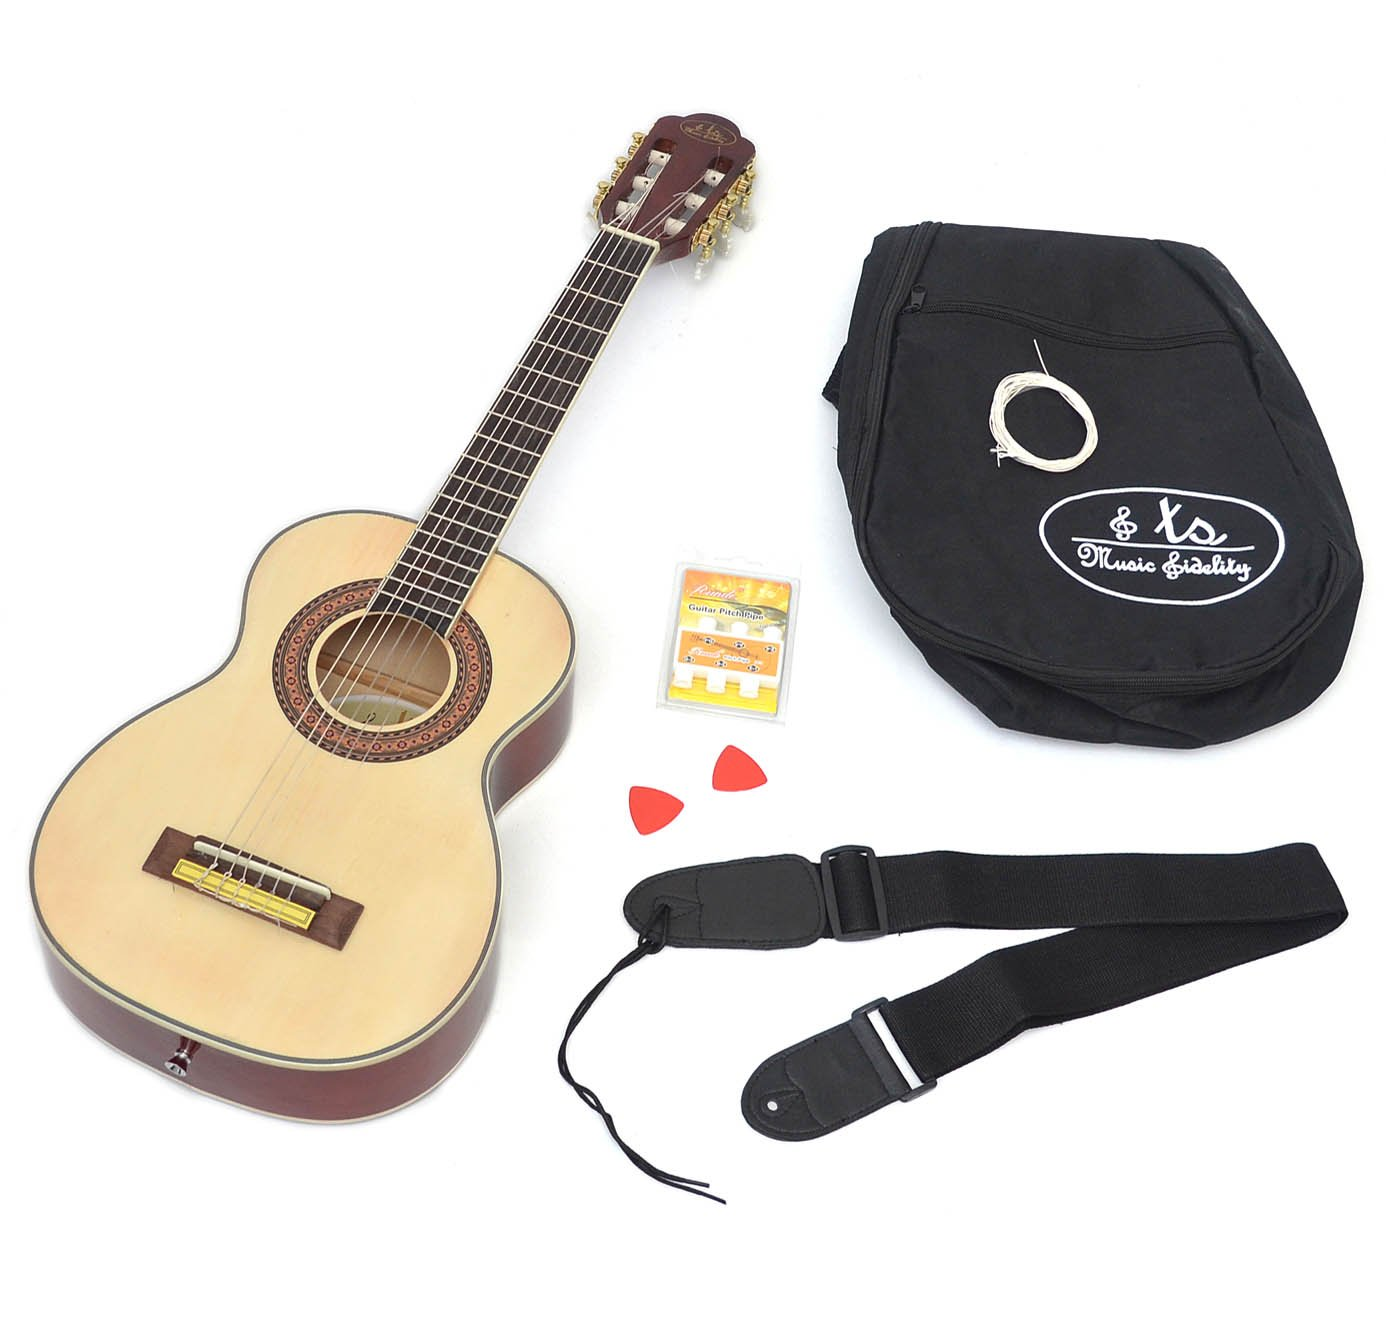 ts-ideen 4532 1/4 Kindergitarre für 4-7 Jahre Akustik Klassik Gitarre Natur mit Zubehörset: gepolsterte Gitarrentasche, Gurt, Satz Saiten, Stimmpfeife und 2 Plektren